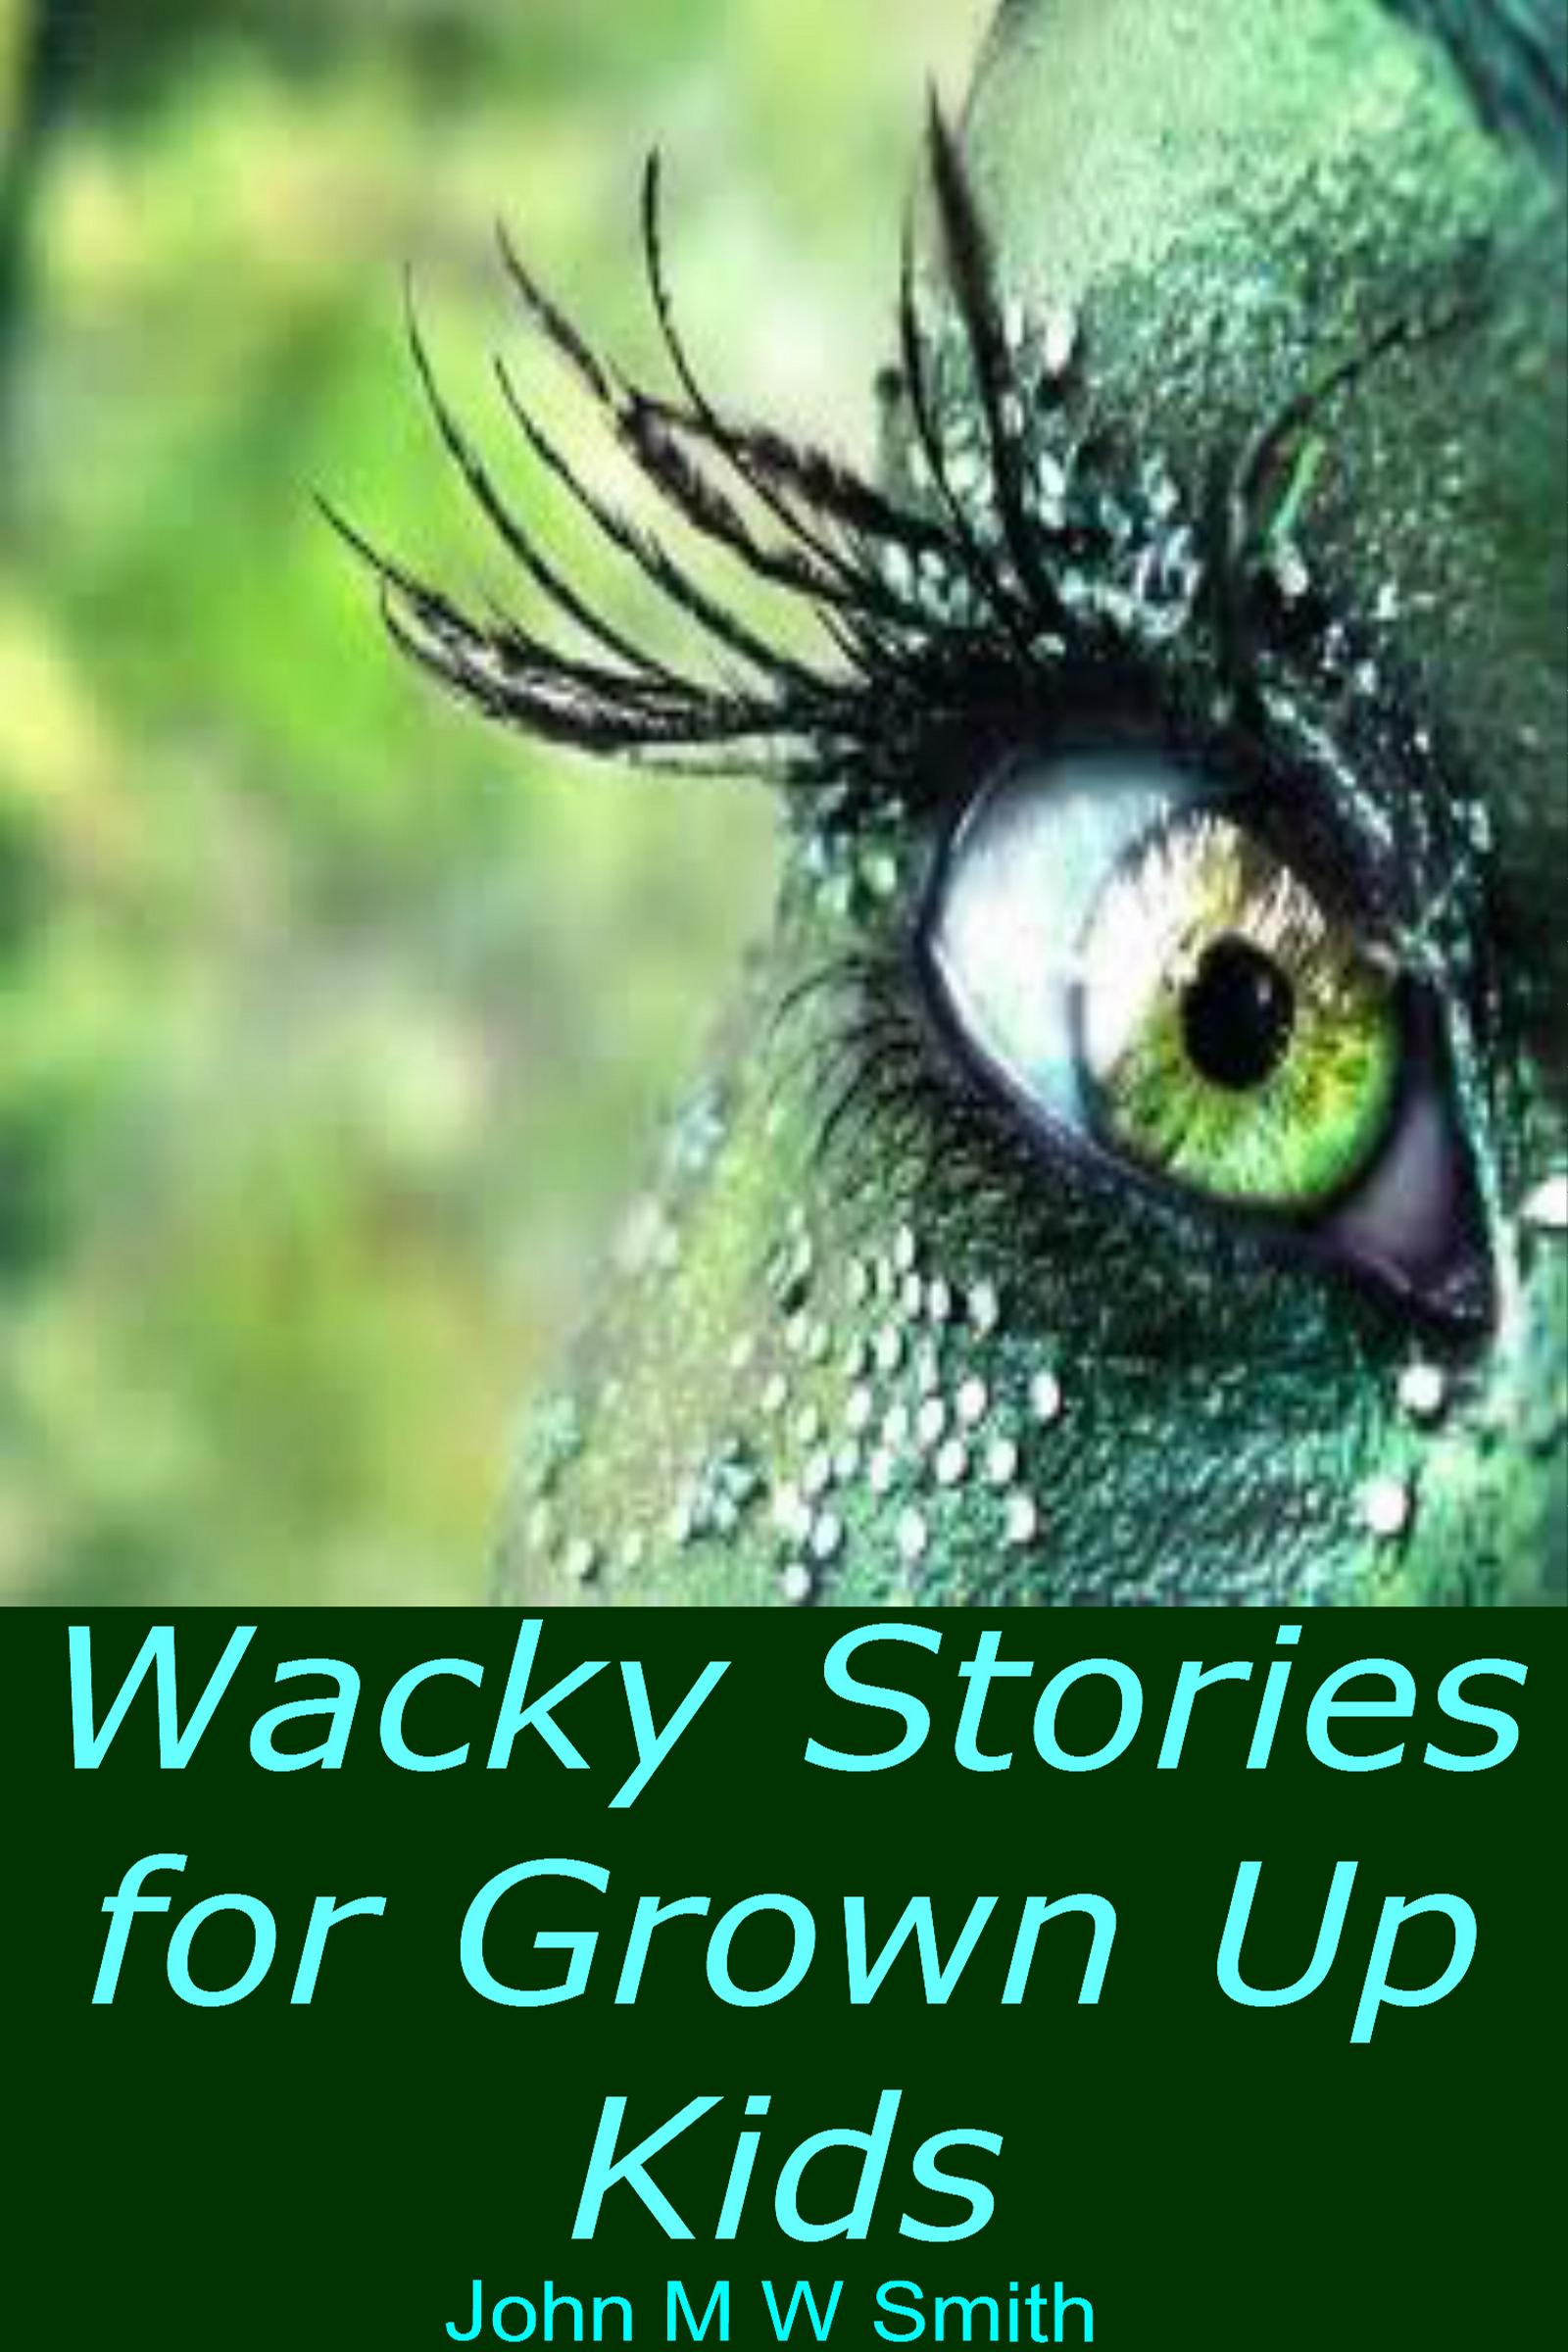 Wacky Stories for Kids John M.W. Smith